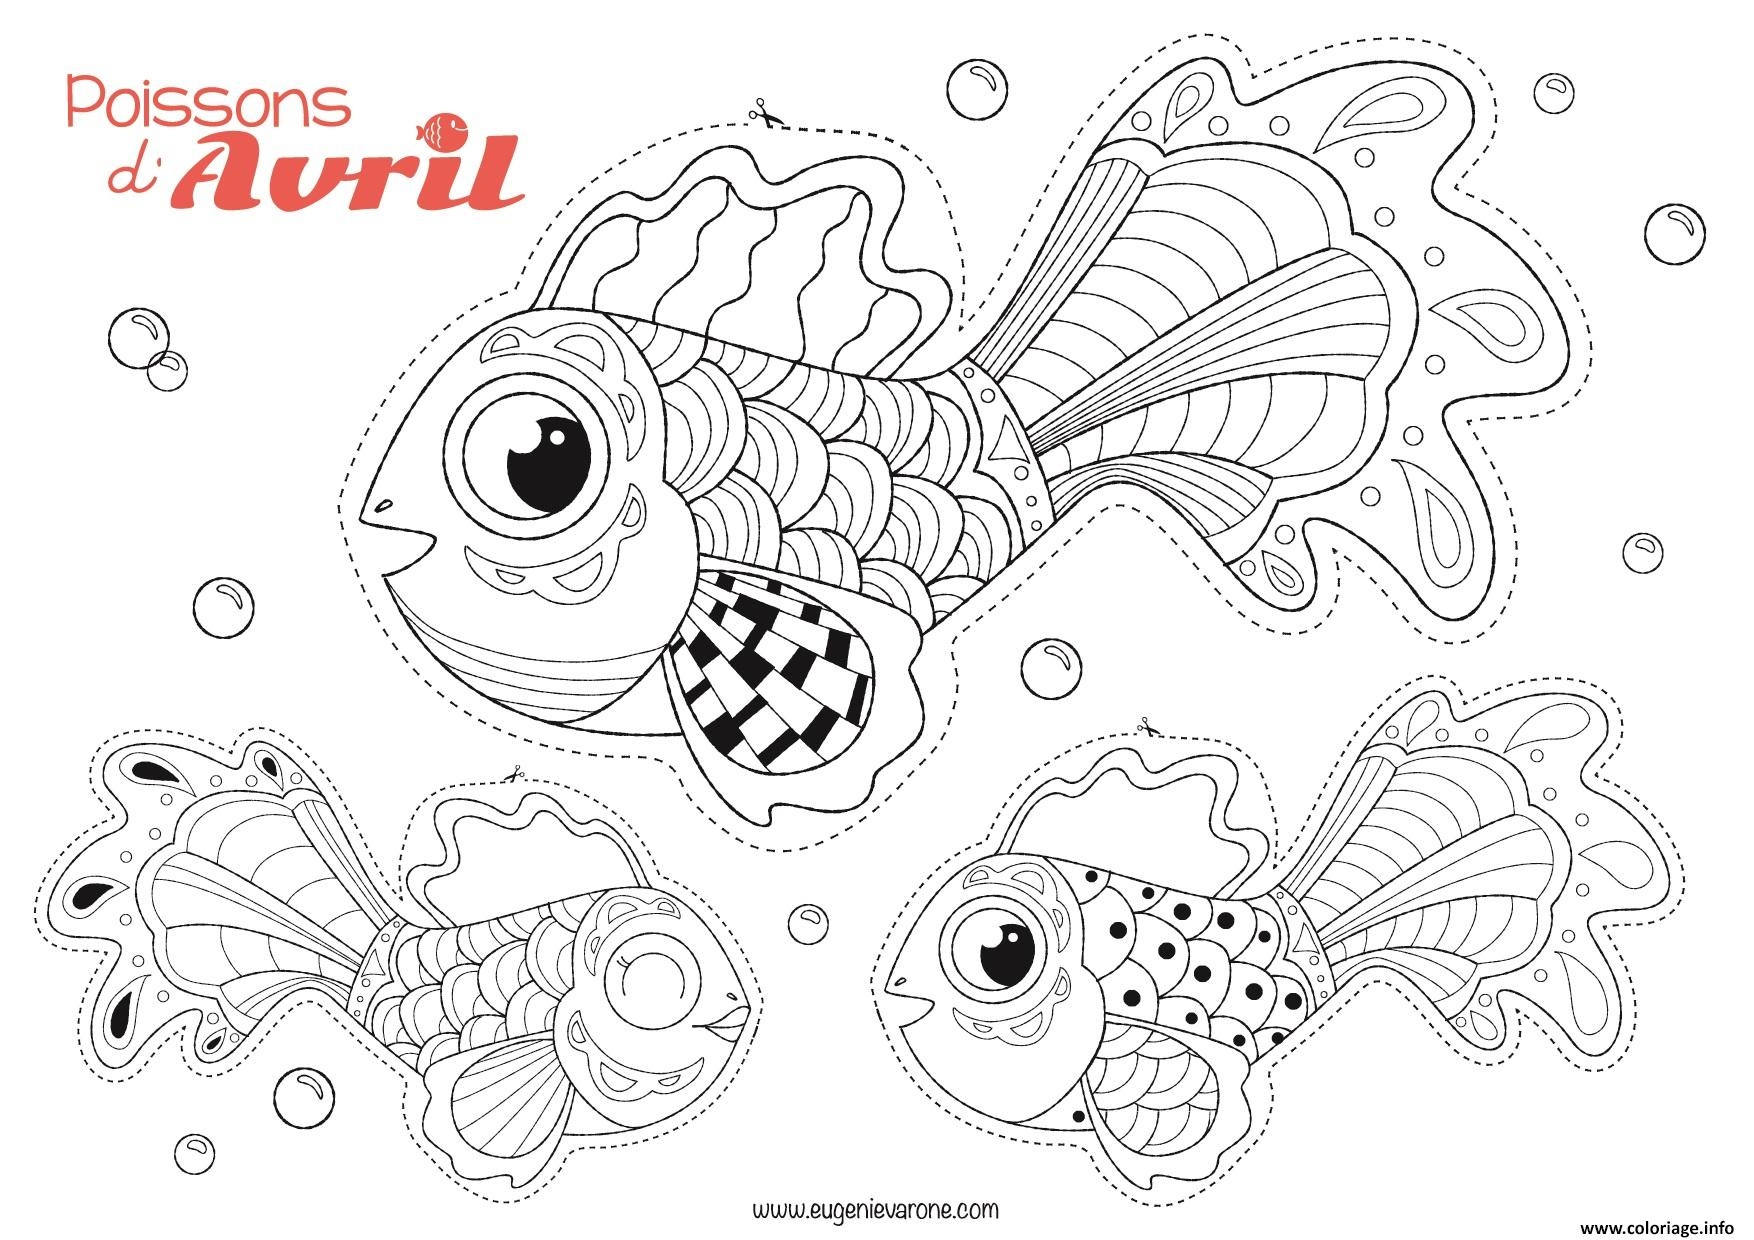 Coloriage Poisson Avril A Decouper Par Eugenie Varone Dessin concernant Dessin A Decouper Et A Imprimer